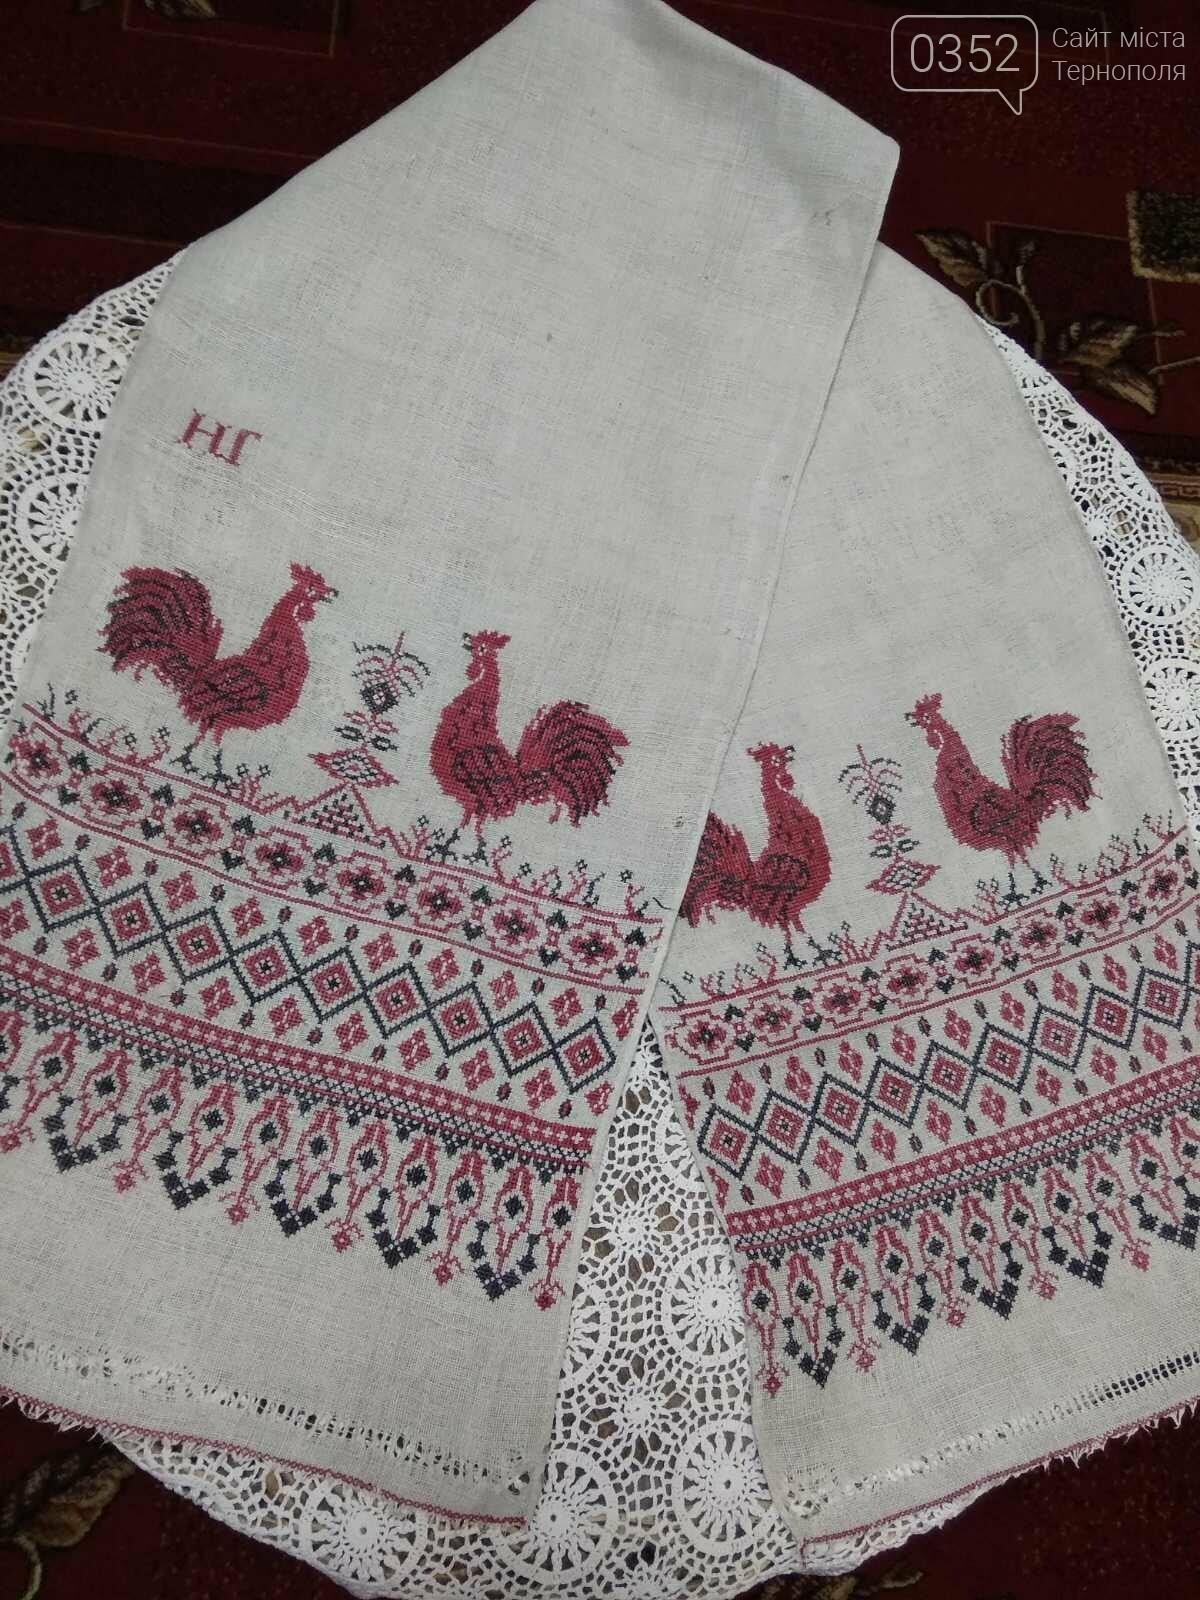 У музеї на Тернопільщині зберігається вишитий рушник, якому понад століття (ФОТО), фото-1